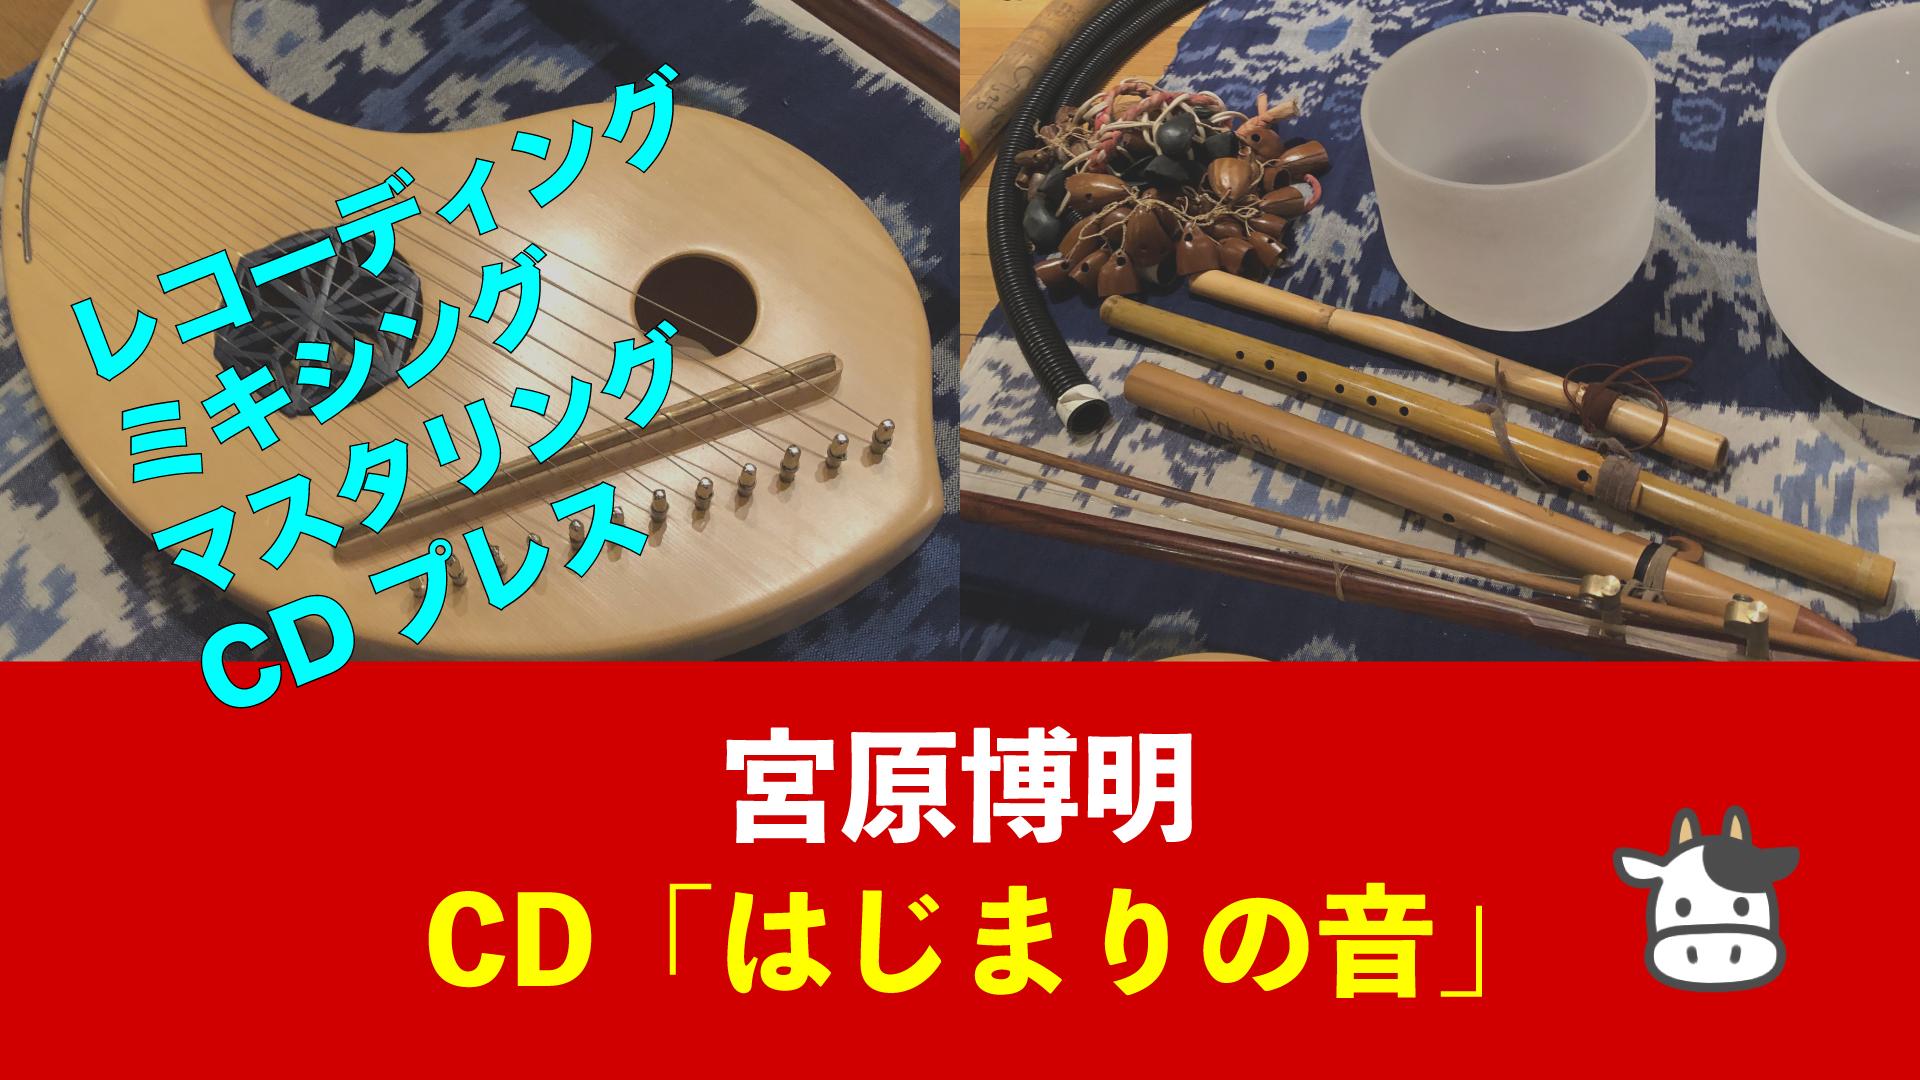 宮原博明CD「はじまりの音」